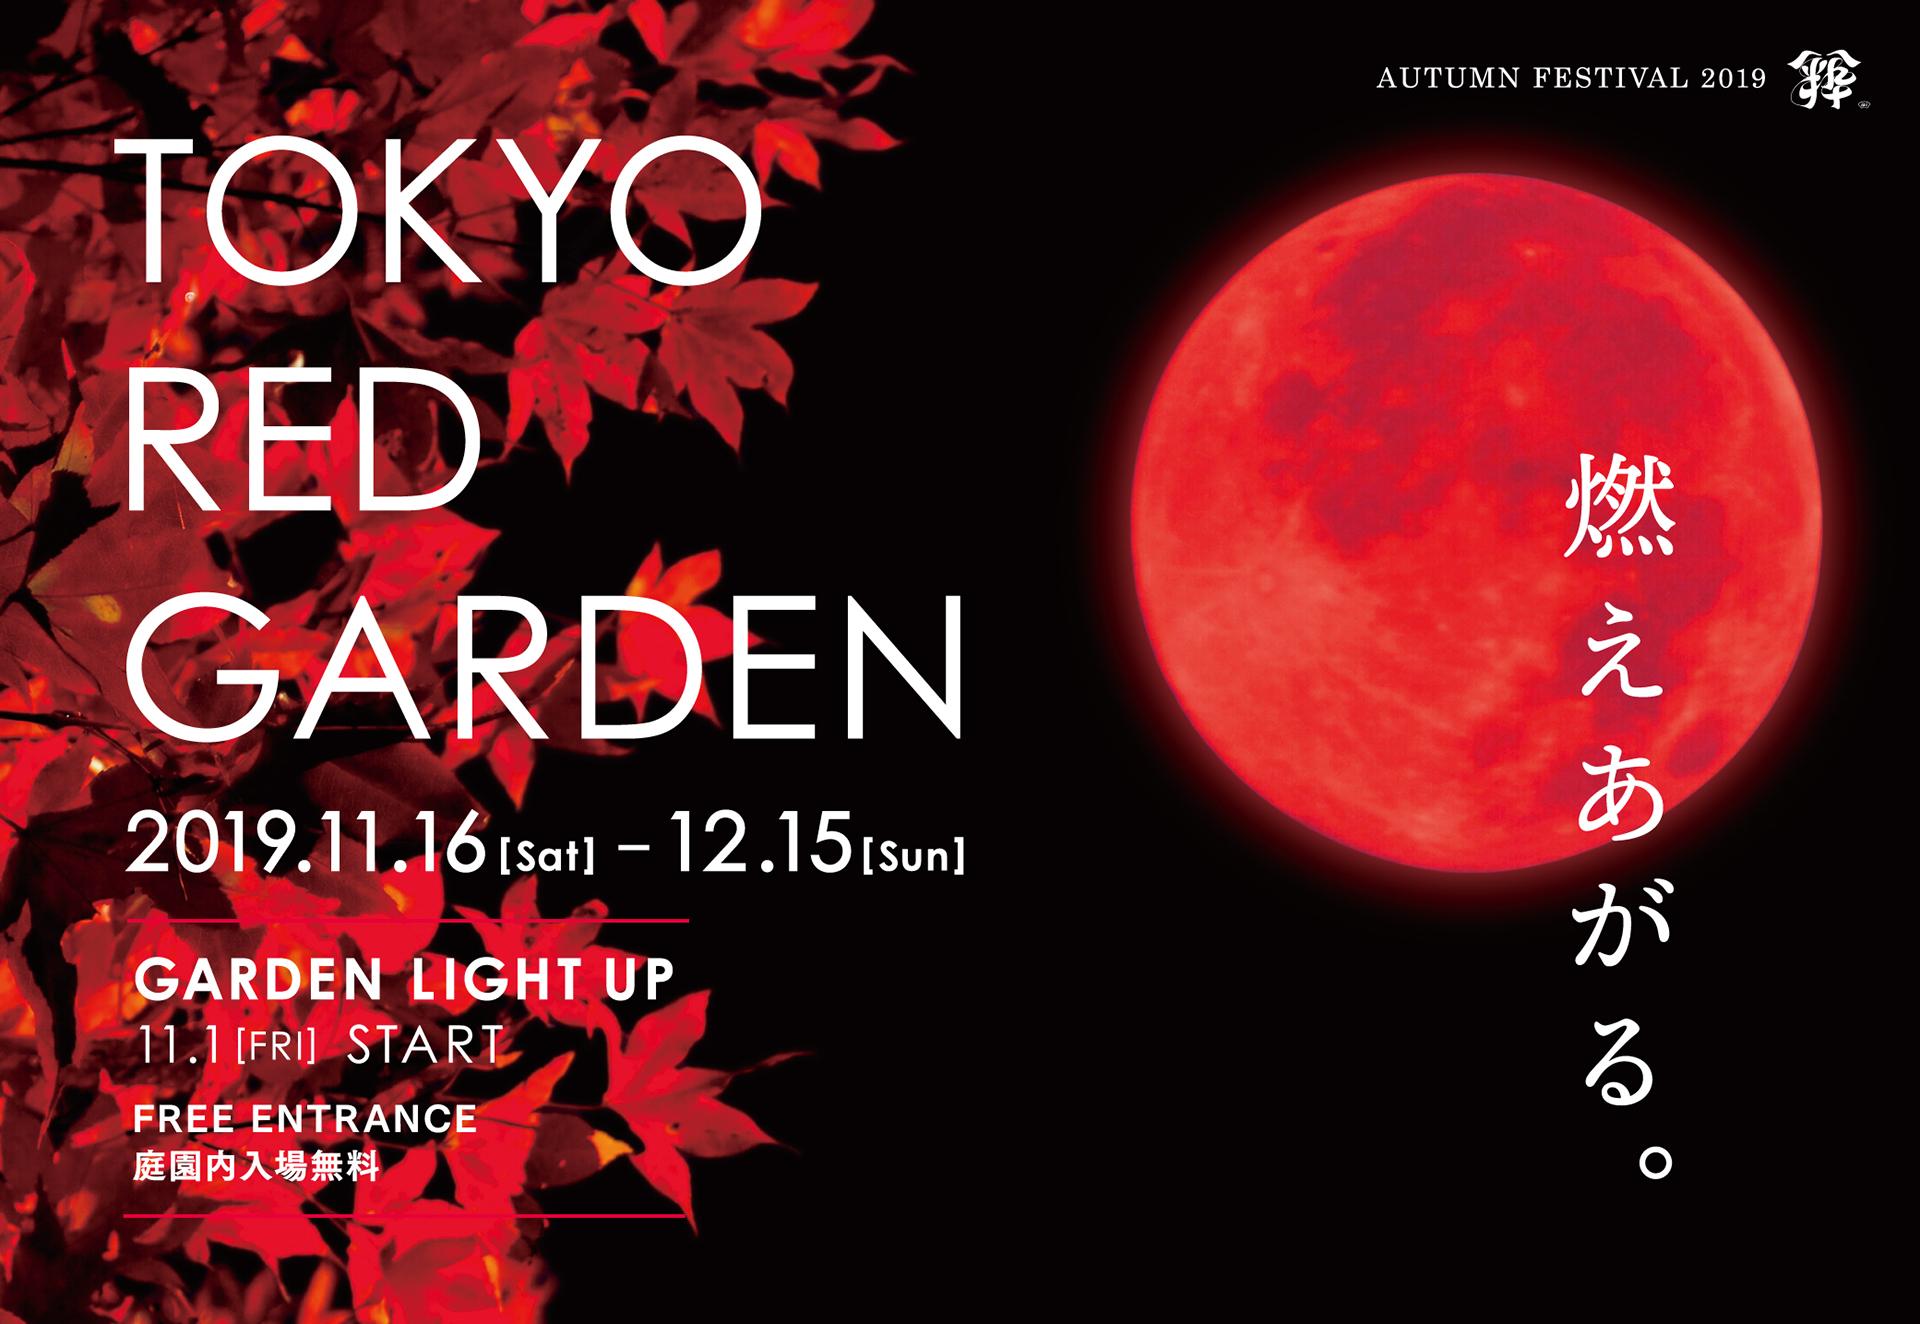 TOKYO RED GARDEN AUTUMN FESTIVAL 粋2019バナー